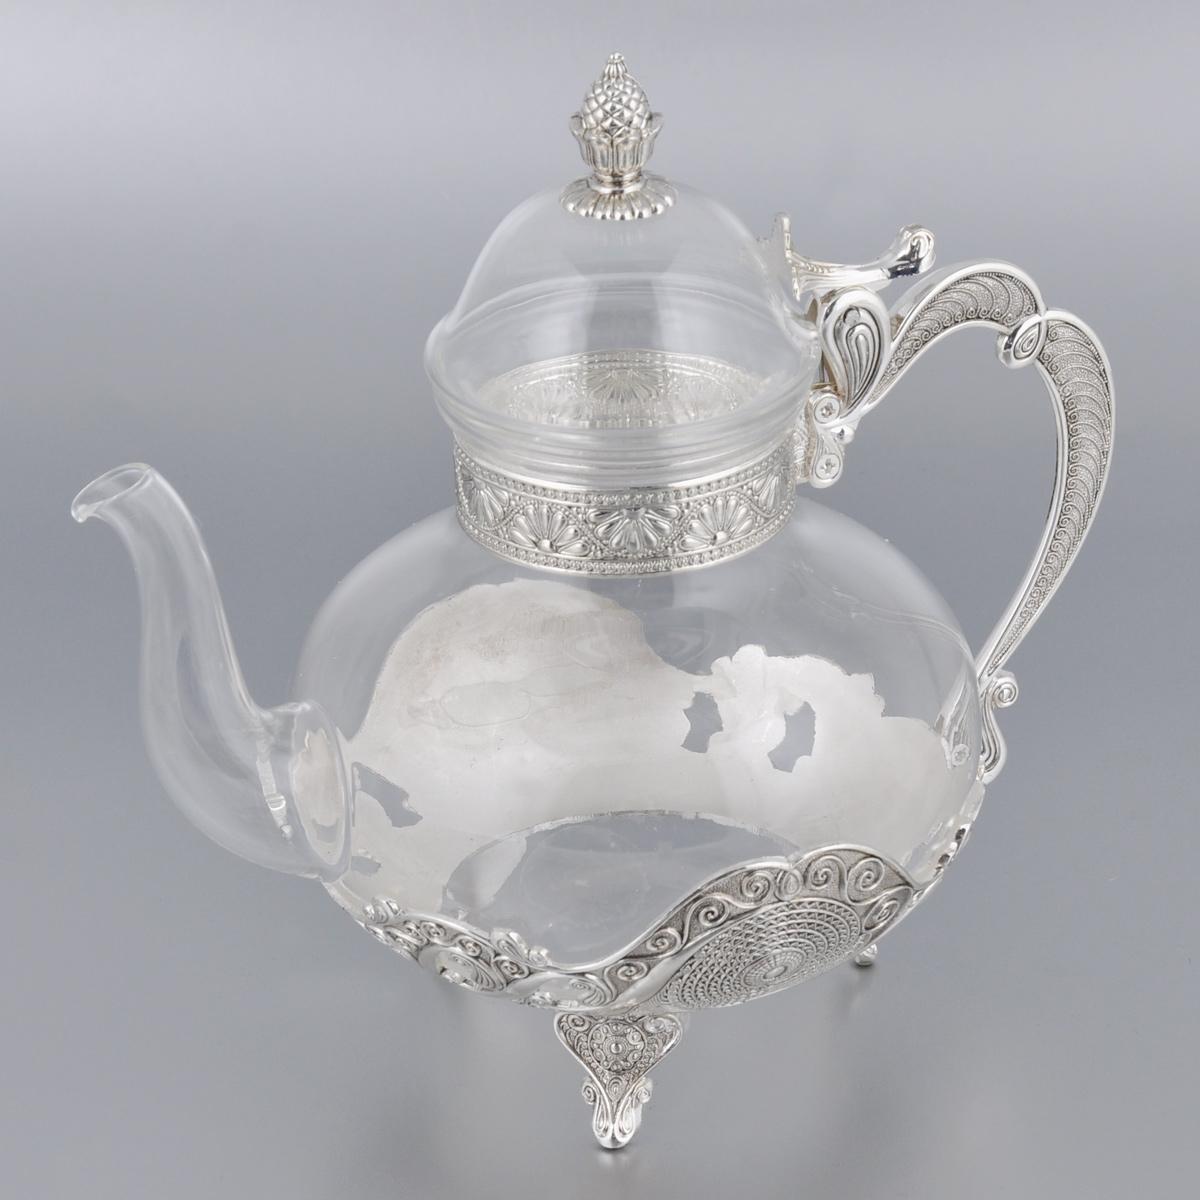 Чайник Marquis, высота 22 см. 2196-MR2196-MRЗаварочный чайник Marquis в восточном стиле изготовлен из стекла и стали с серебряно-никелевым покрытием. Внешняя поверхность украшена изящным рельефом. Чайник оснащен высоким носиком, большой ручкой и съемной крышкой. Такой чайник прекрасно подойдет для заварки чая, а также для хранения и сервировки соусов. Чайник Marquis - это великолепный подарок на любое торжество, а также приятный предмет для сервировки праздничного стола. Высота чайника: 22 см. Диаметр чайника по верхнему краю: 7,6 см Диаметр основания: 9,3 см.